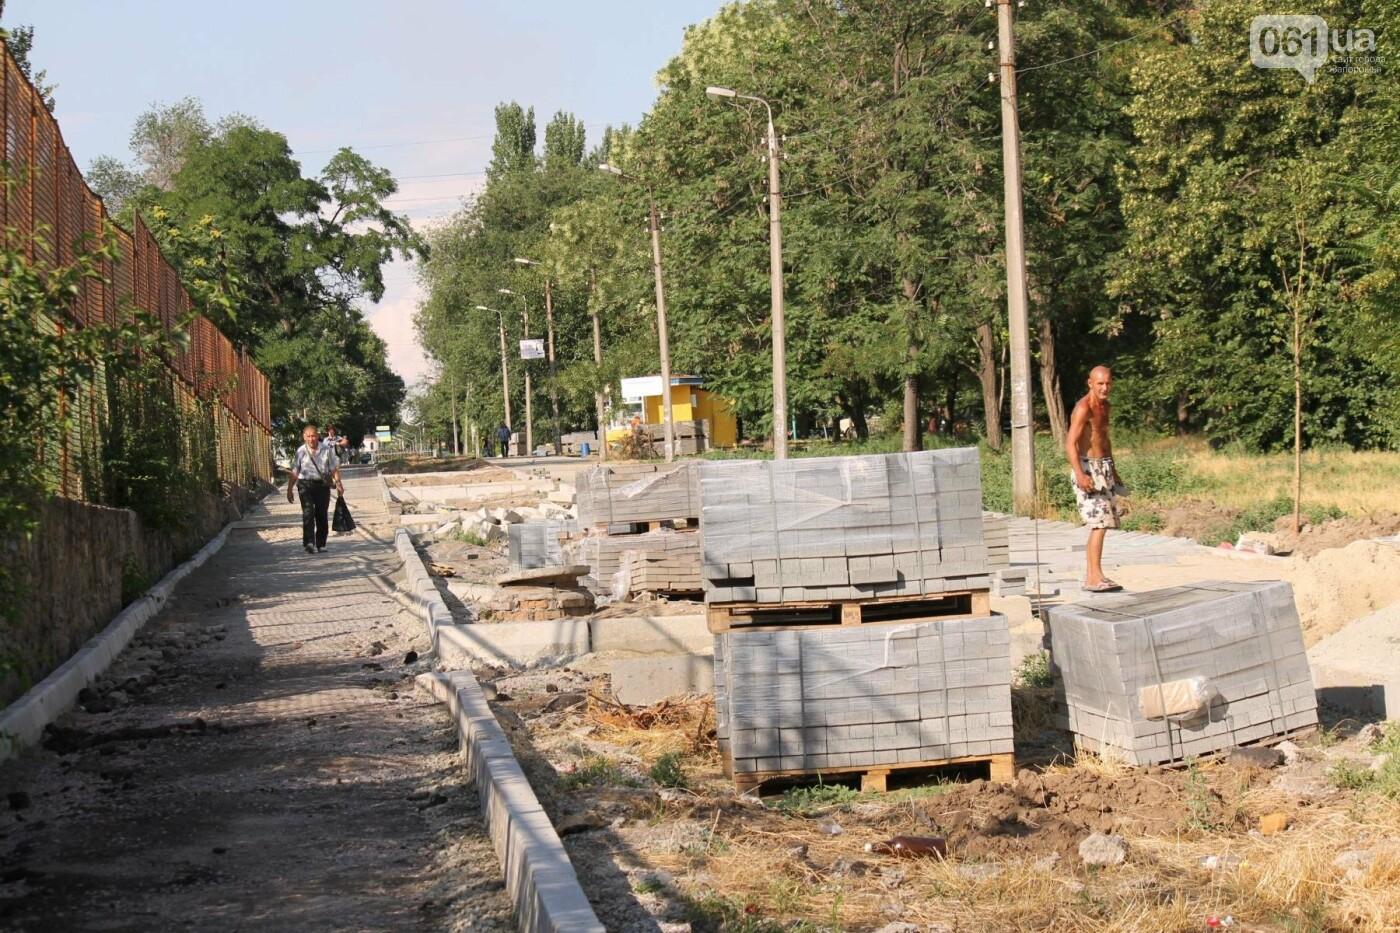 В Запорожье спешат до конца лета закончить реконструкцию аллеи на Якова Новицкого: на каком этапе работы, – ФОТОРЕПОРТАЖ, фото-16